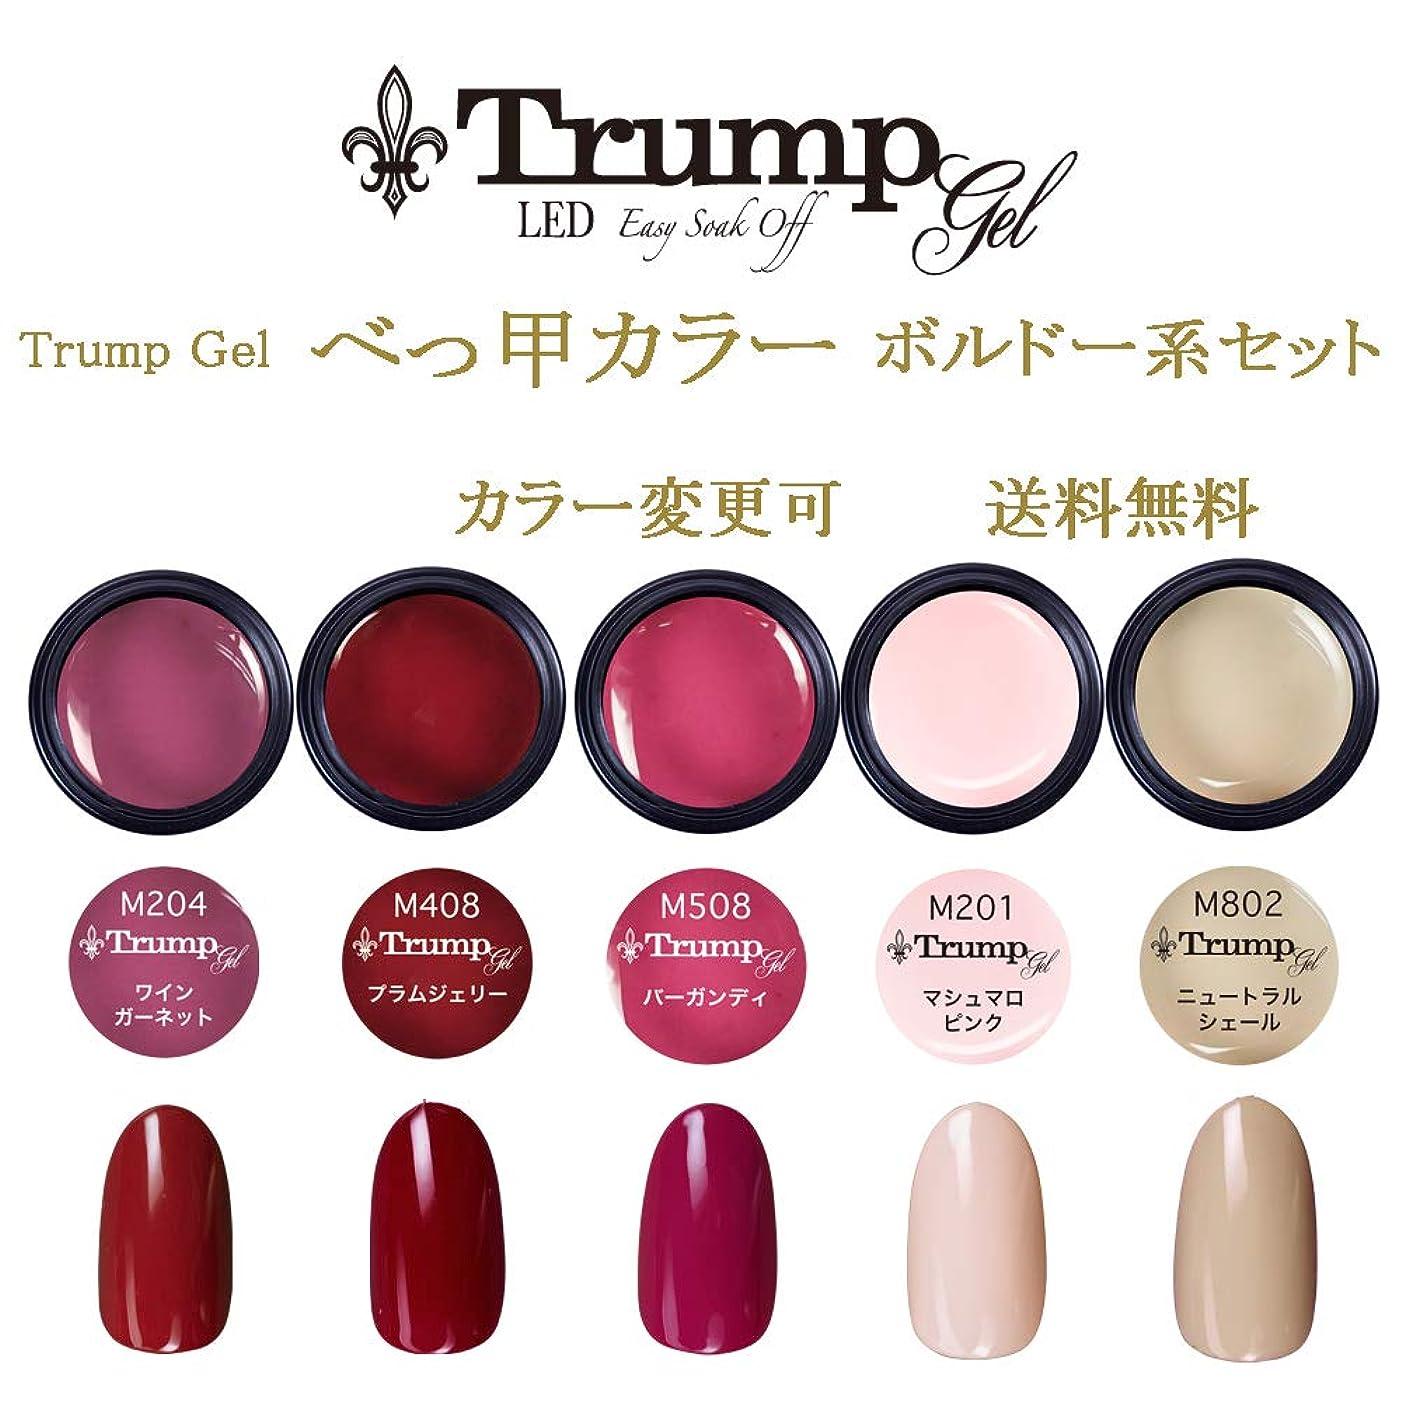 舌なブルーム深い【送料無料】日本製 Trump gel トランプジェル べっ甲カラー ボルドー系 選べる カラージェル 5個セット べっ甲ネイル ボルドー ブラウン ホワイト ラメ カラー